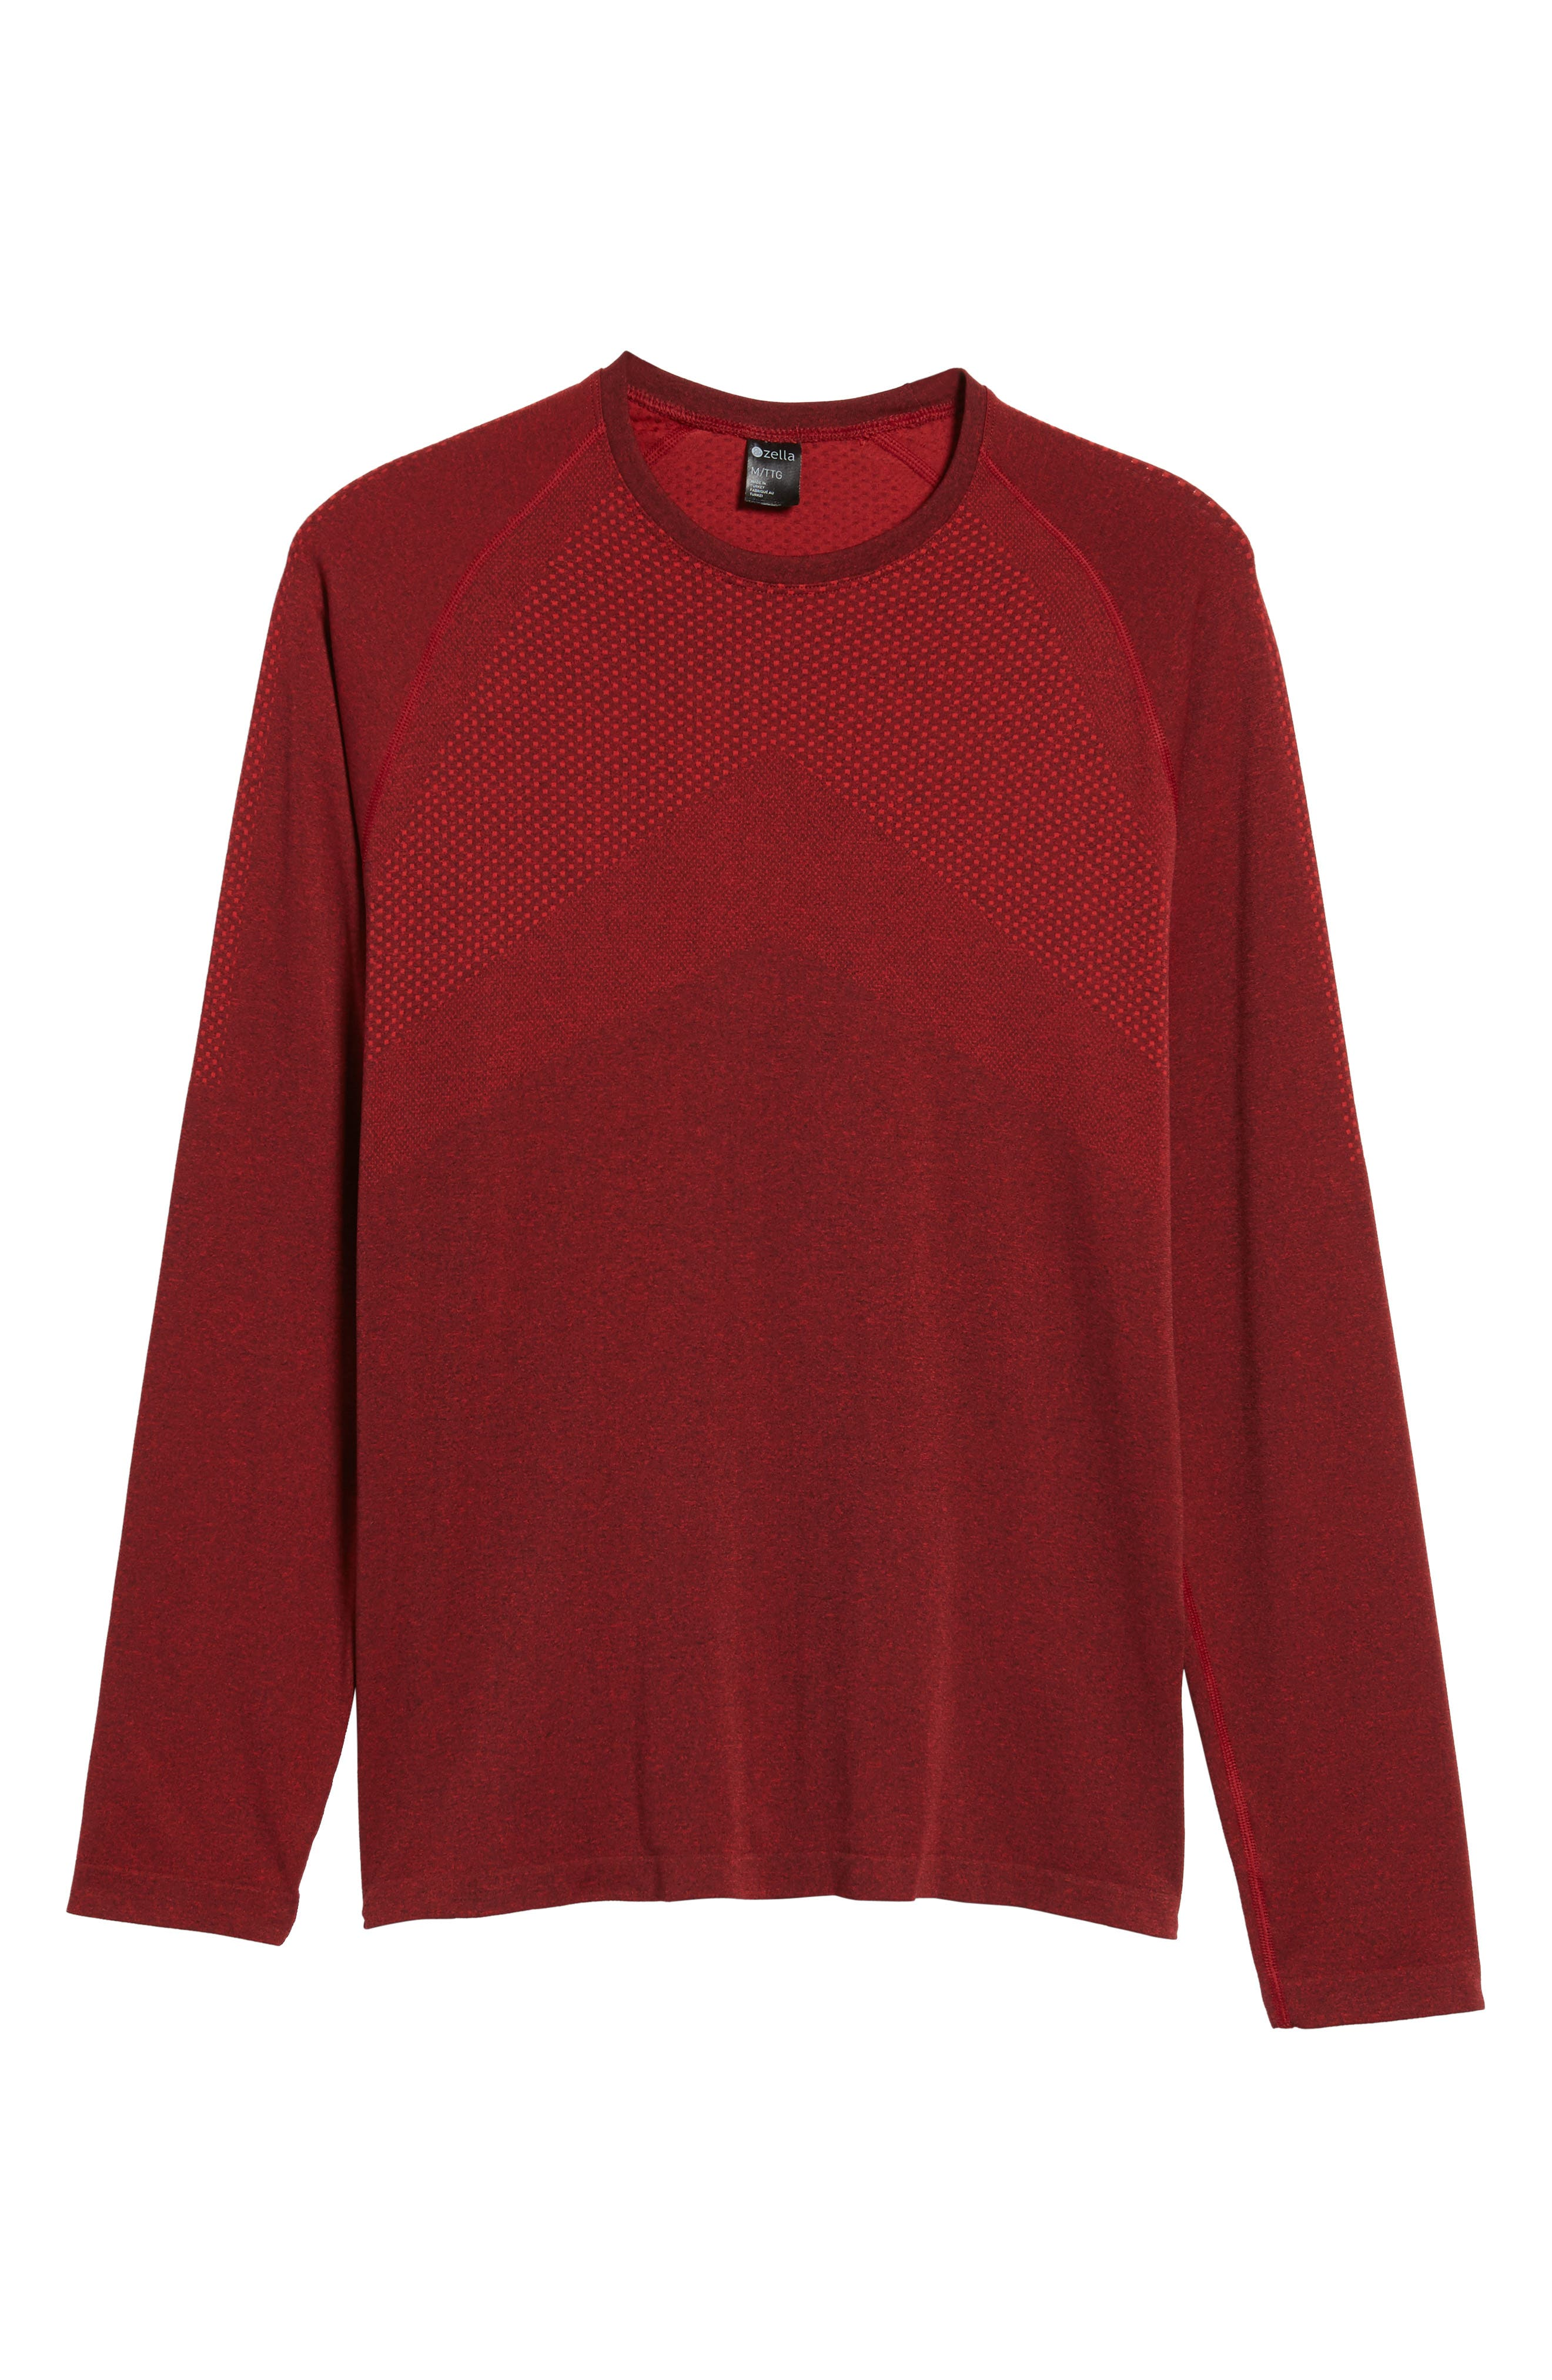 Zeolite Long Sleeve Performance T-Shirt,                             Alternate thumbnail 18, color,